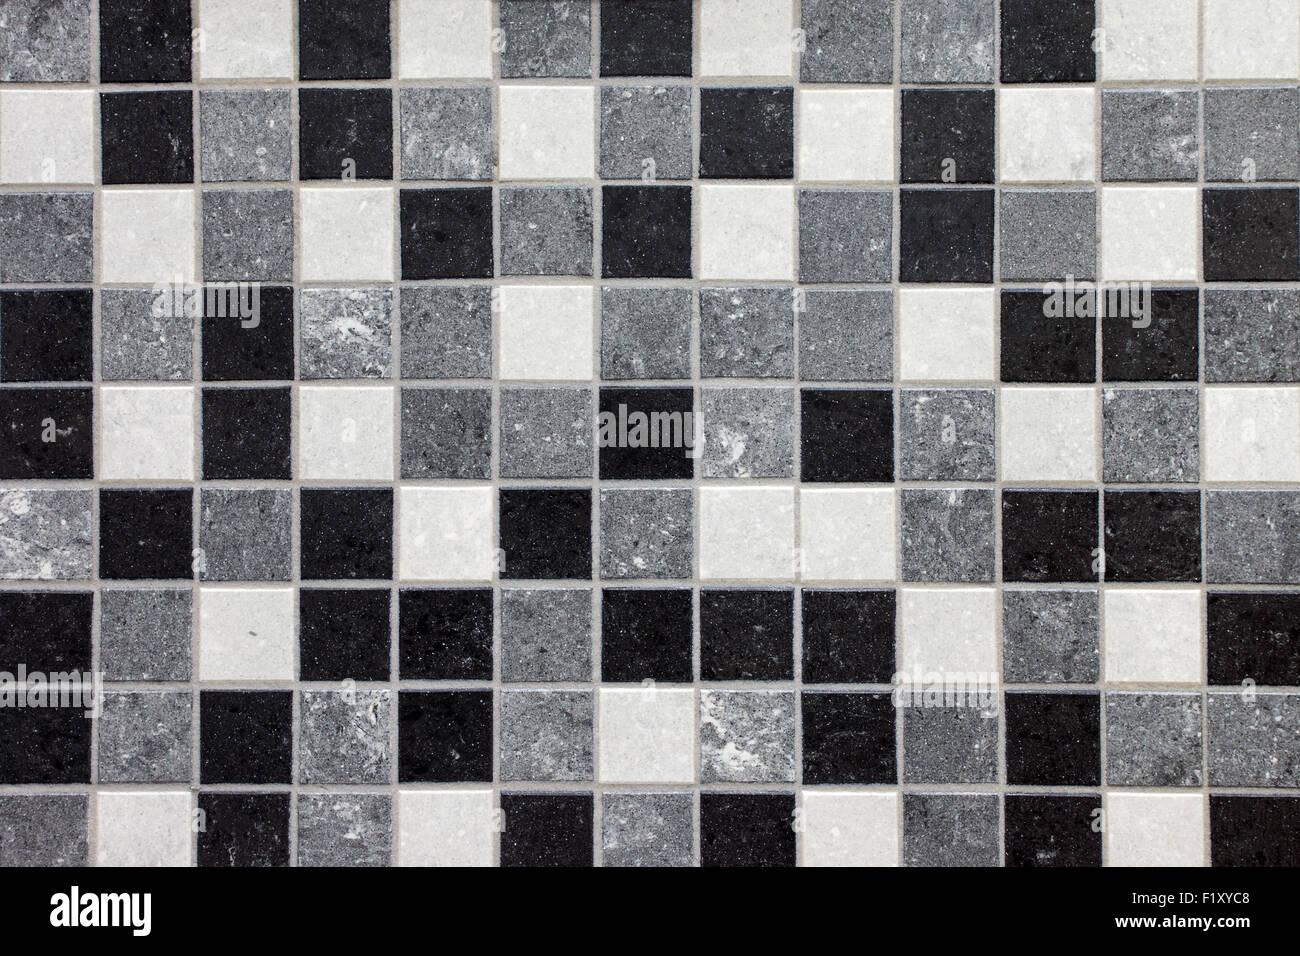 Schwarz, Weiß Und Grau Mosaik Fliesen In Einem Badezimmer